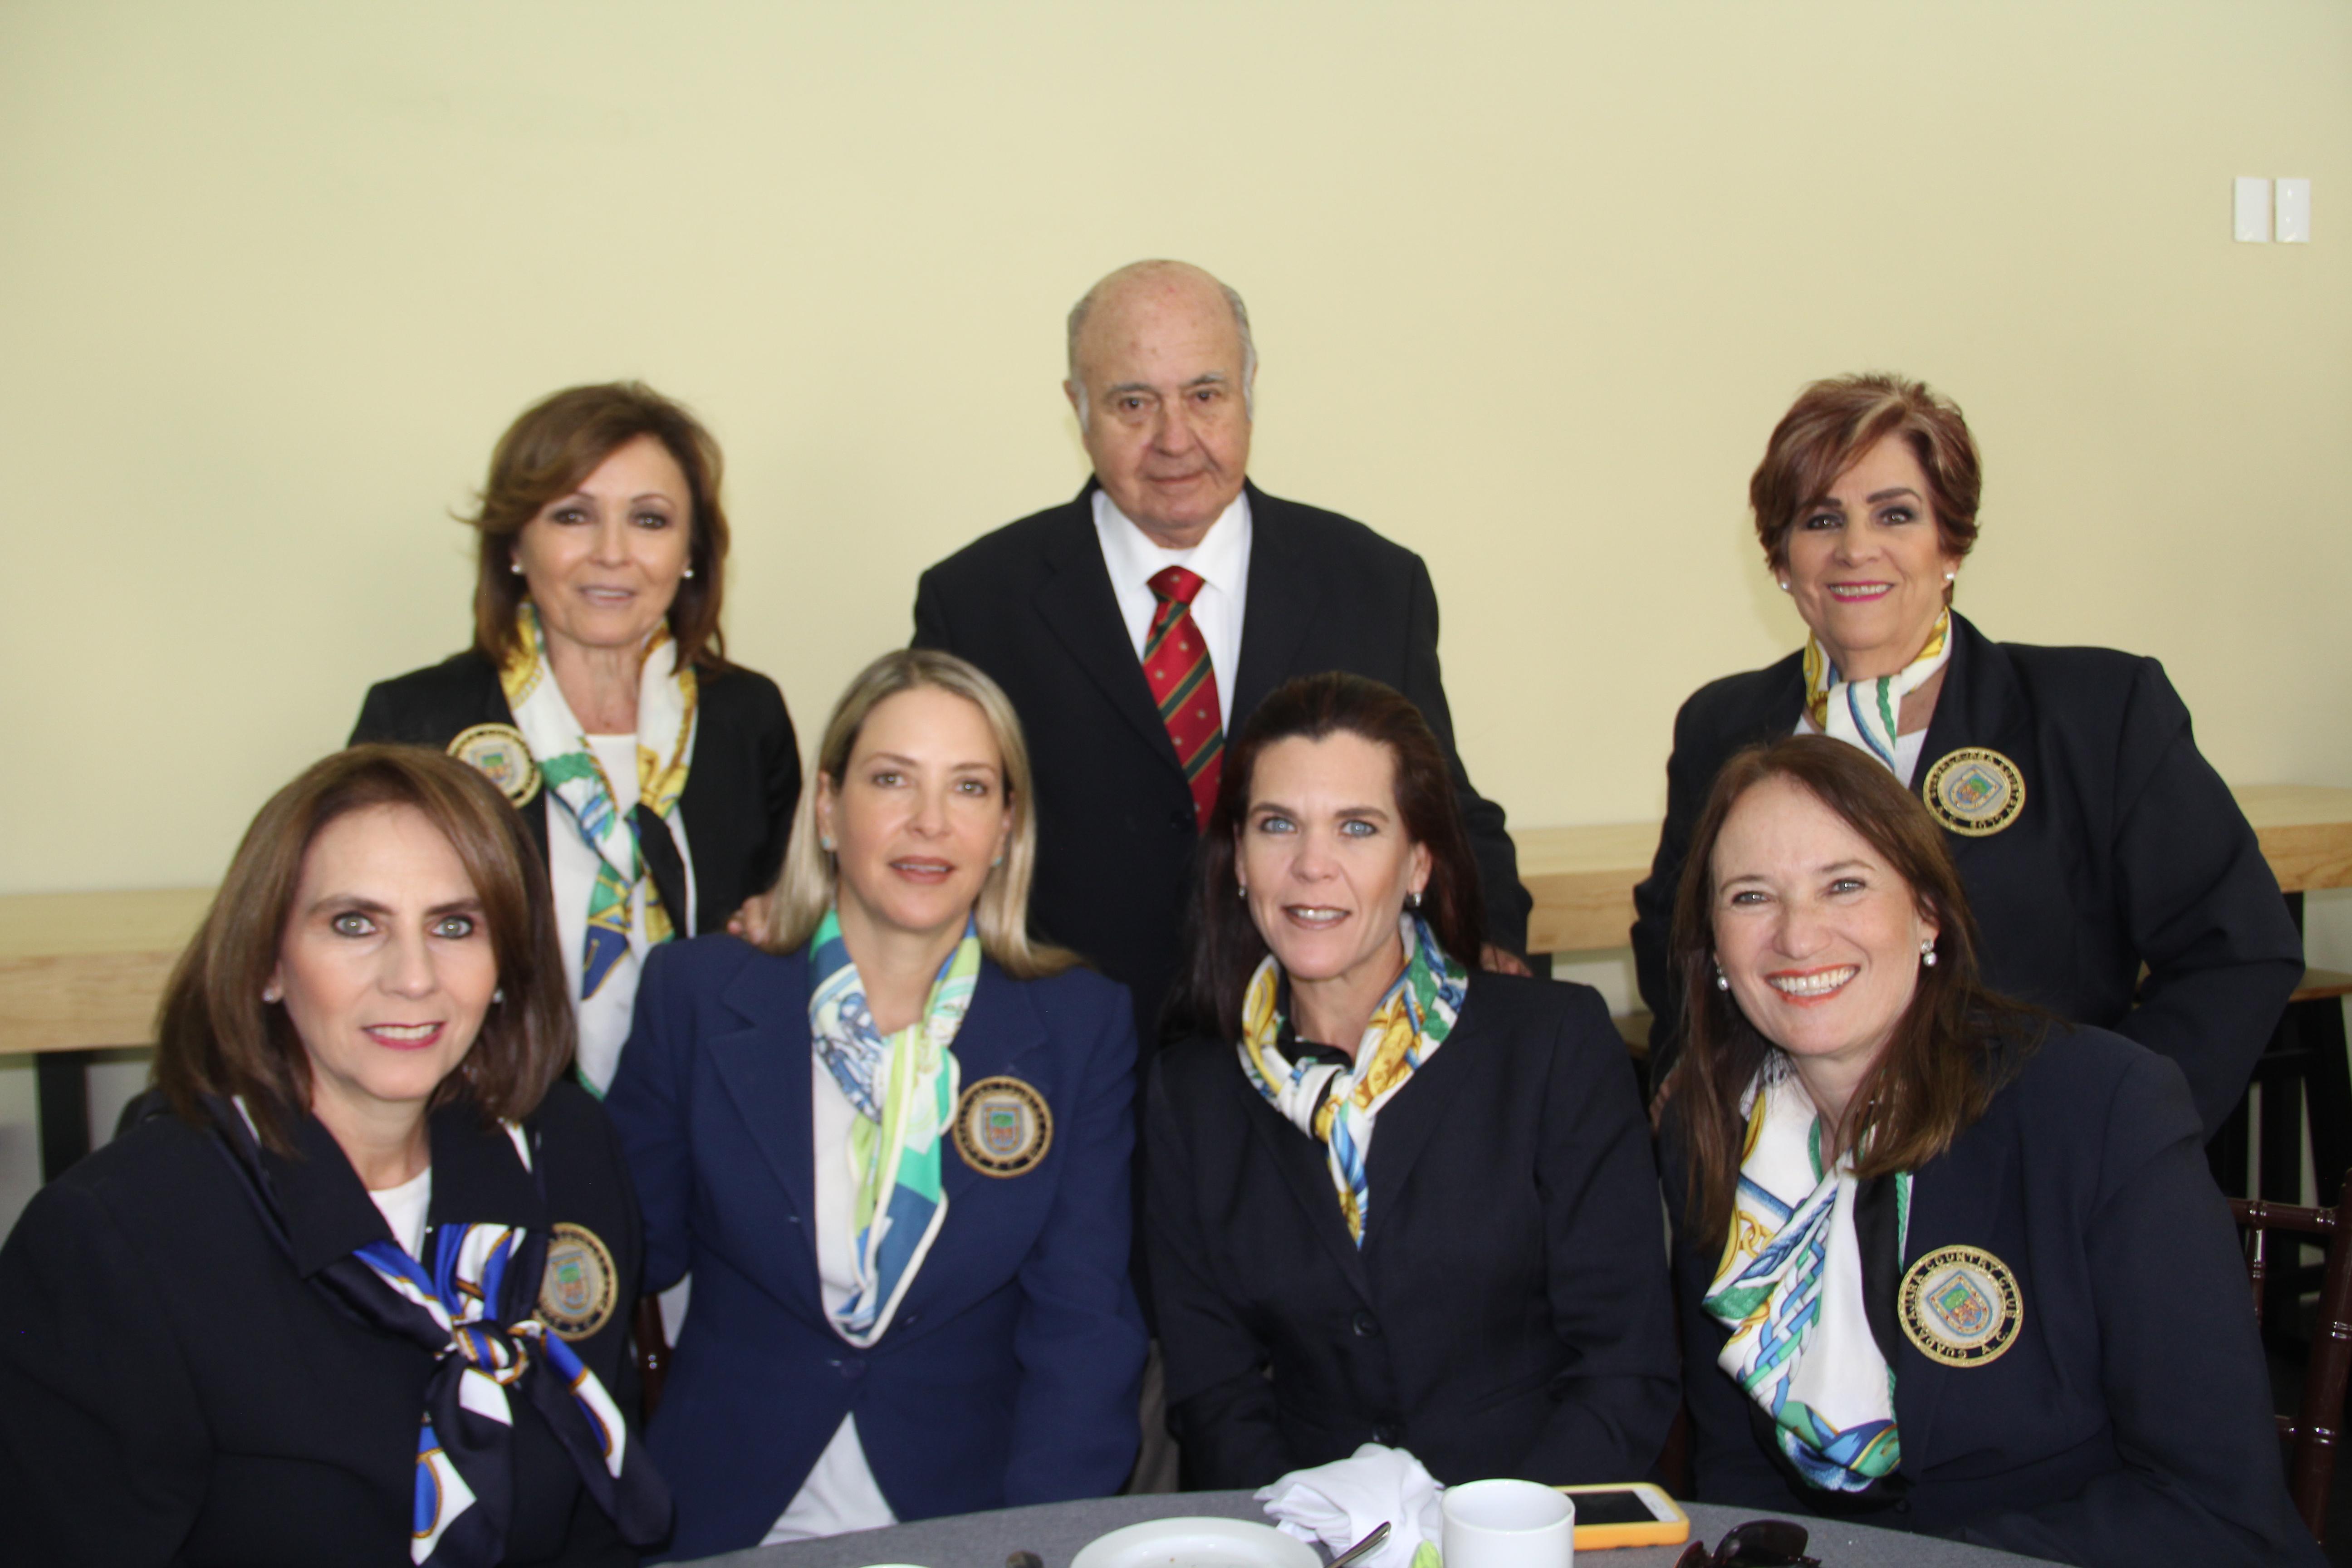 LOS VETERANOS MEXICANOS DE MANTELES LARGOS EN EL GUADALAJARA COUNTRY CLUB